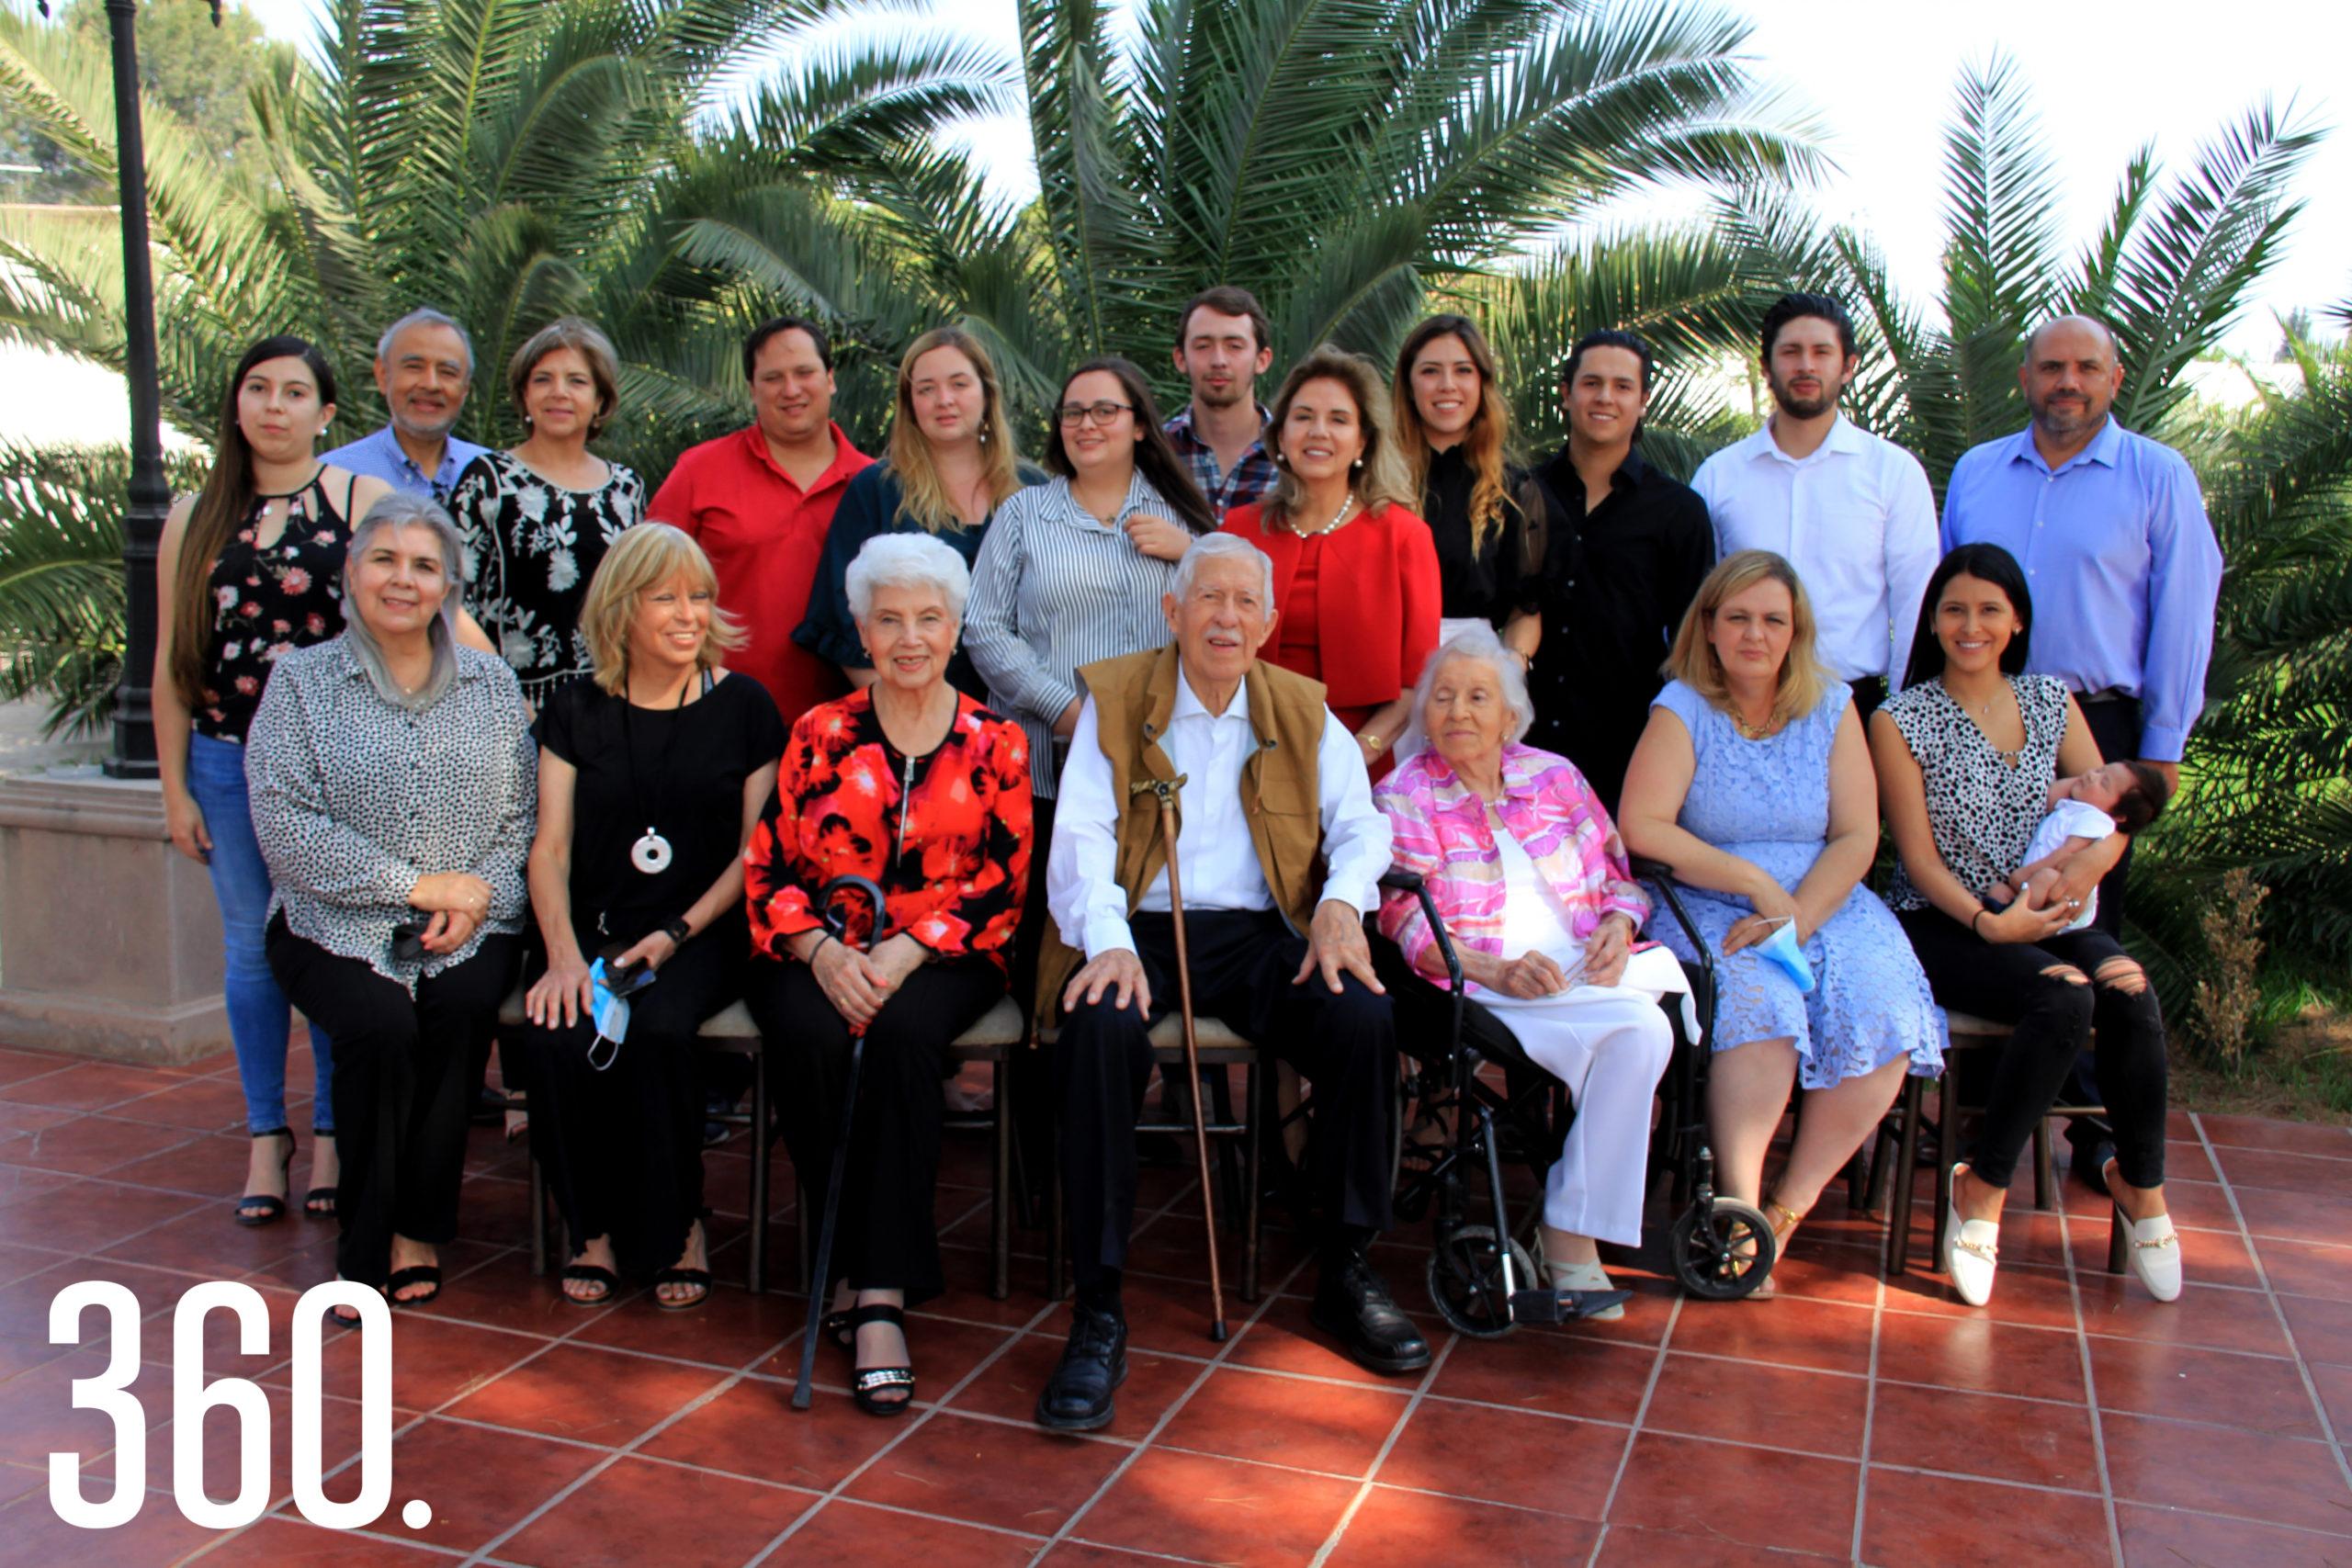 Terminado el homenaje en Palacio de Gobierno Eliseo Mendoza continuó celebrando con sus familiares con una comida en su residencia.